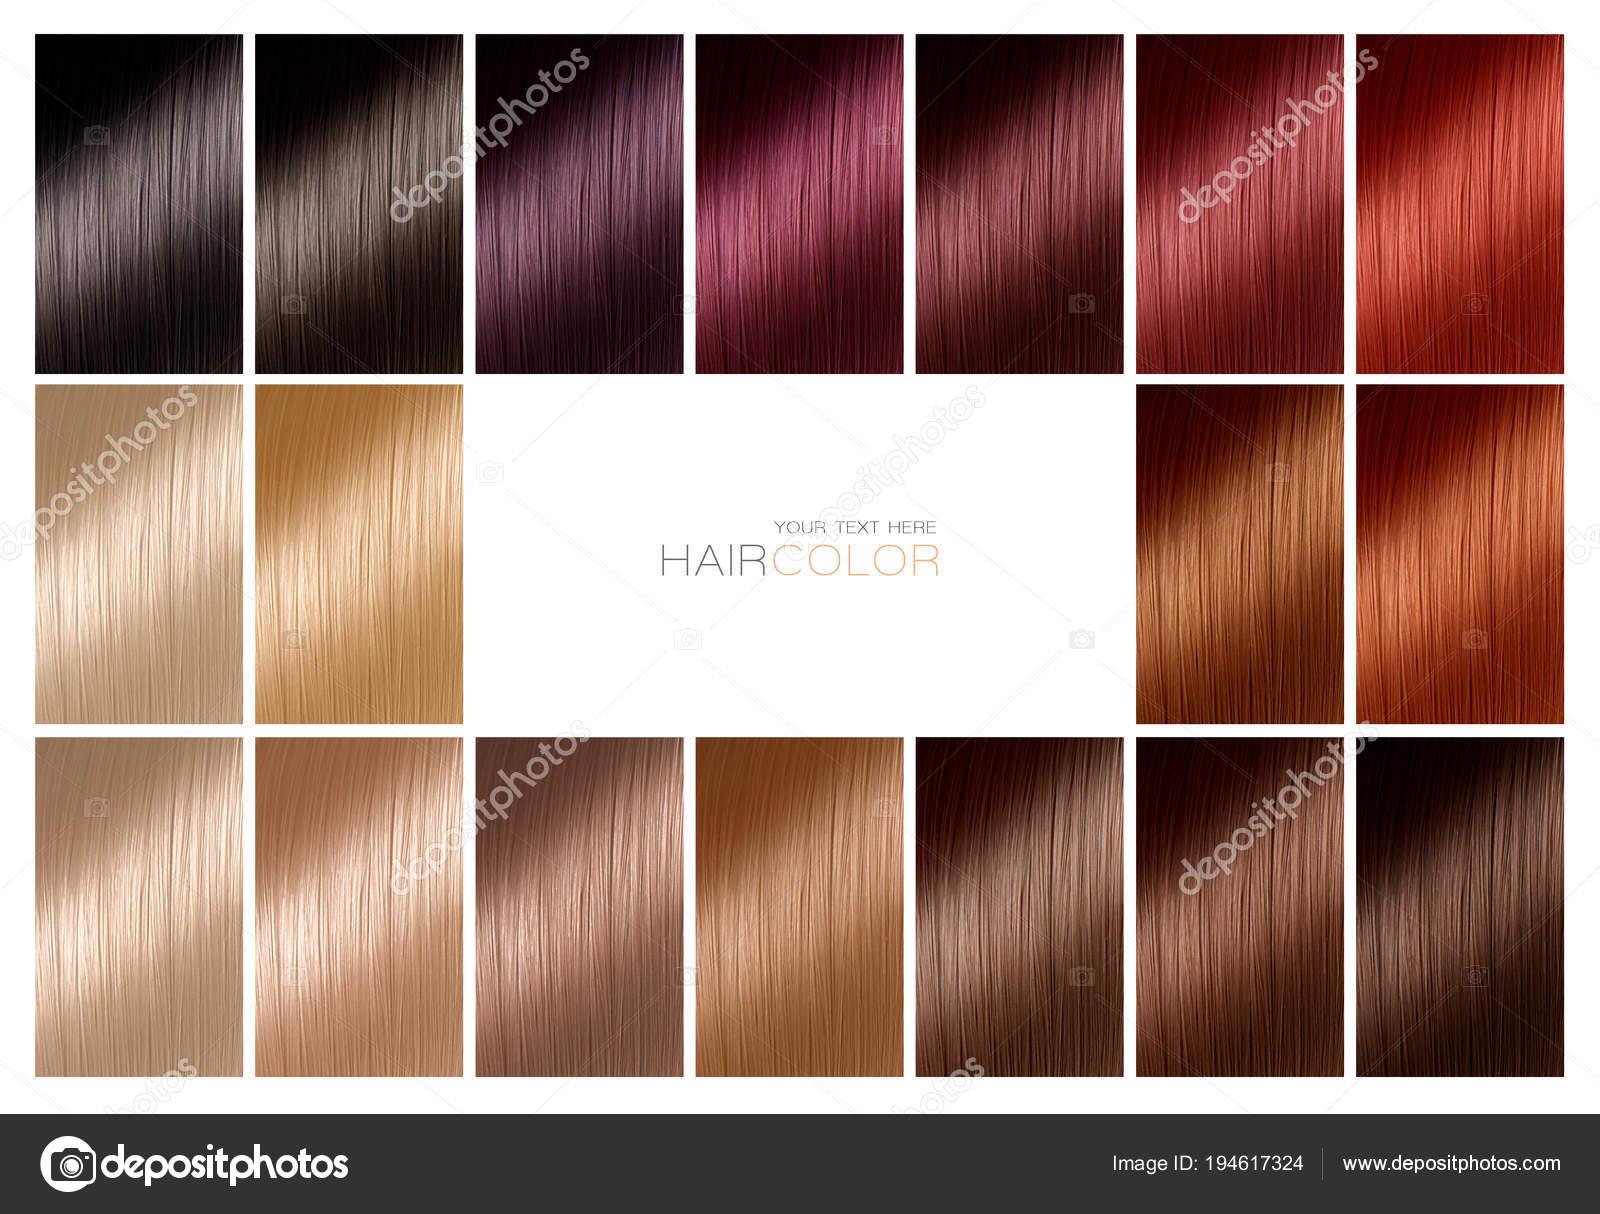 Carta de color para tintes de cabello. Paleta de colores de cabello con una  amplia gama de muestras mostrando pelo teñido de diferentes muestras de  colores ... 862c1c242c84